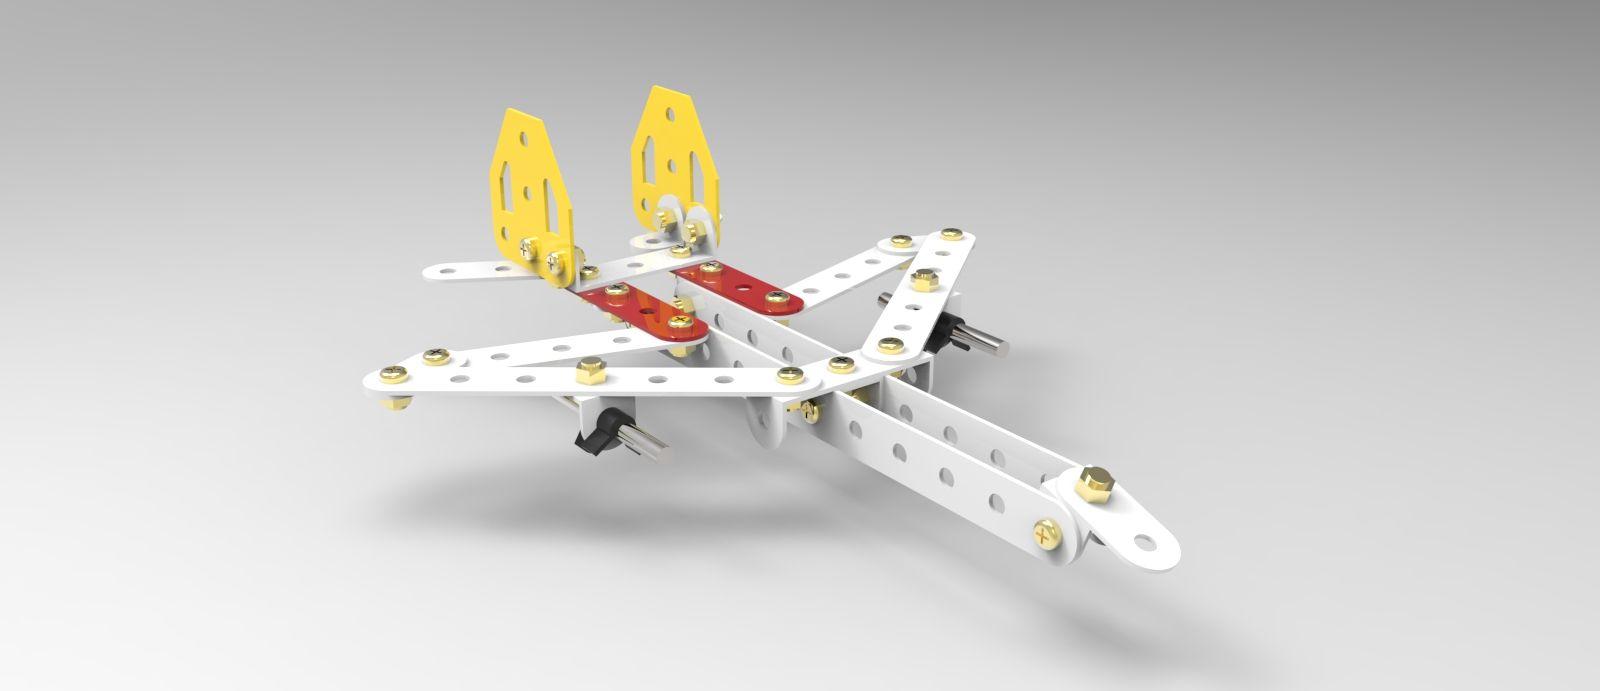 Mech-plane-26-3500-3500